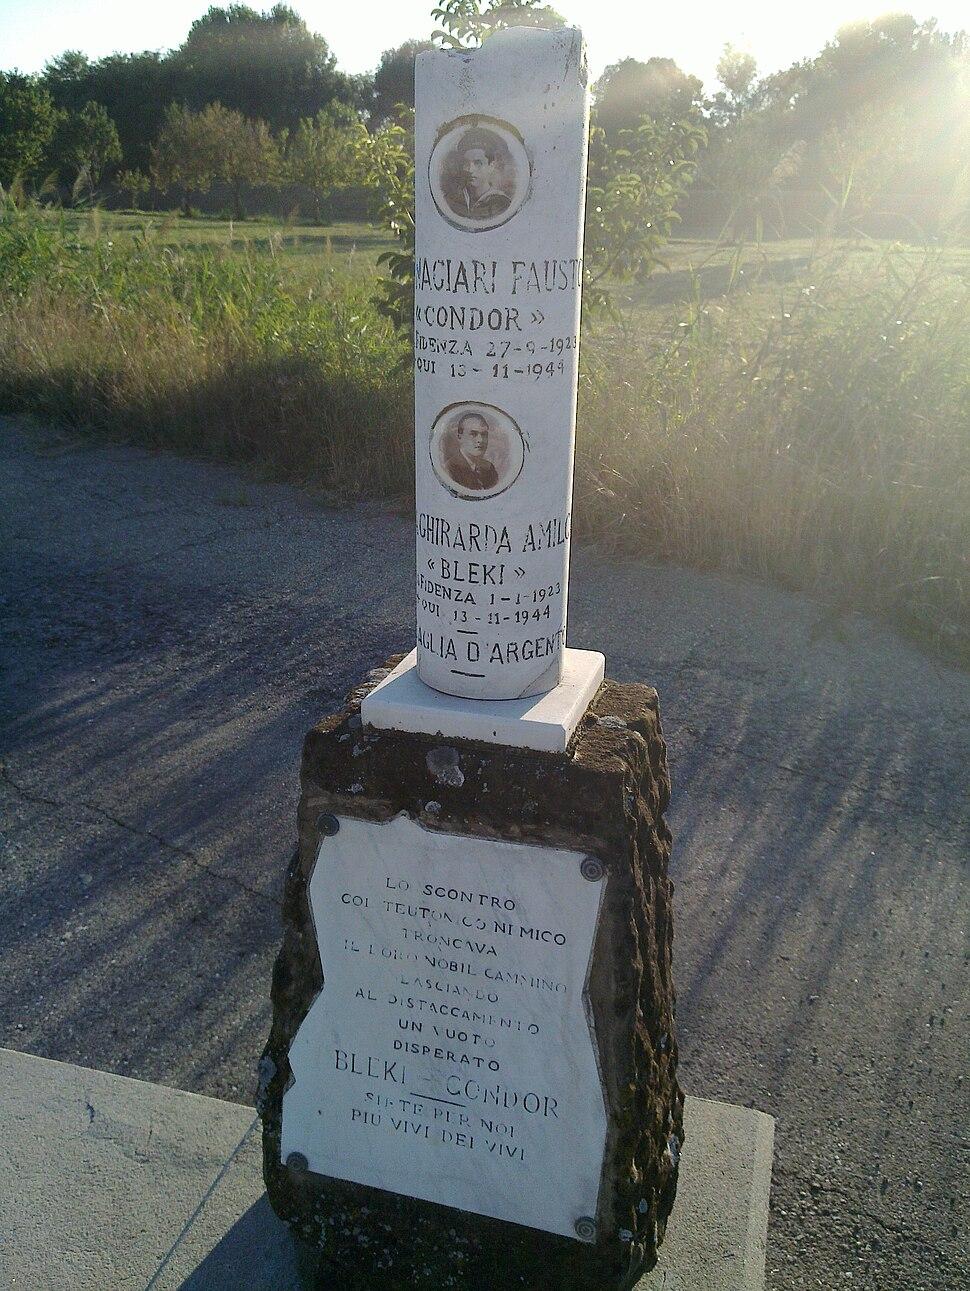 Fidenza cippo alla memoria Amilcare Dallagherarda Fausto Fornaciari